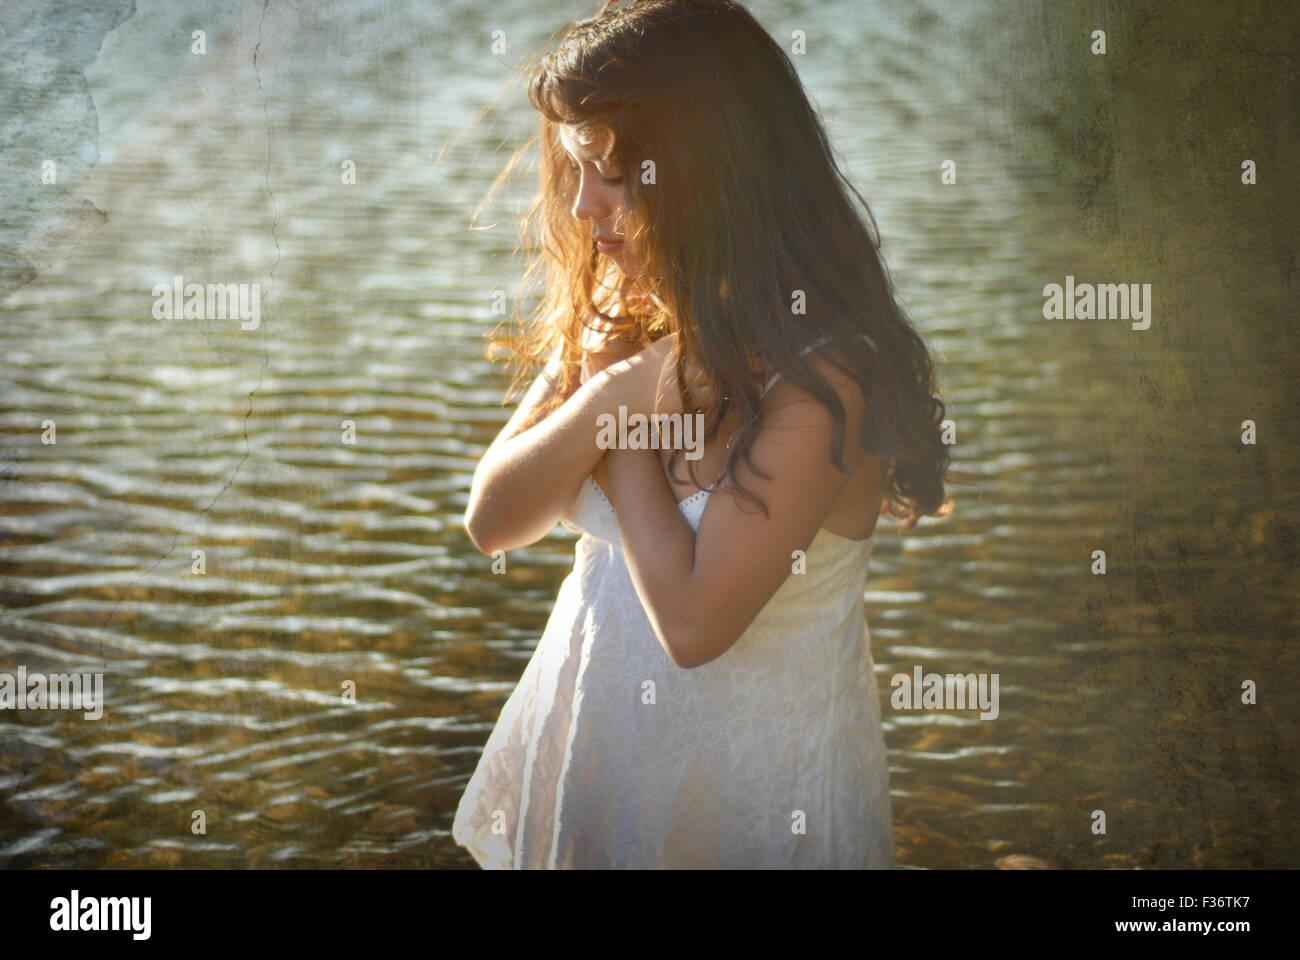 Chica de los brazos transversales en el río de agua verano vestido blanco pelo largo Imagen De Stock